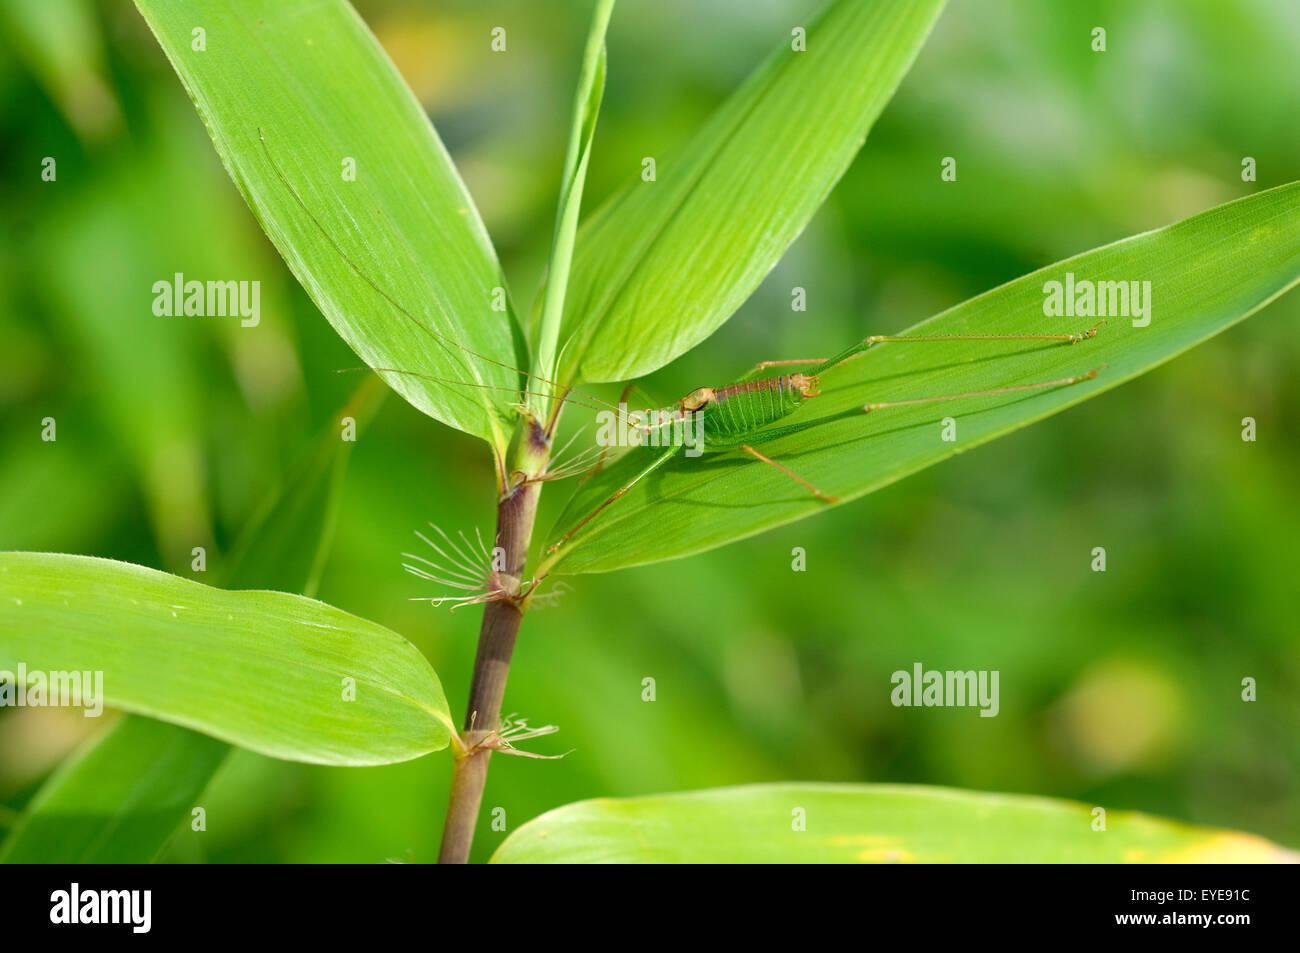 Kurzschwaenzige Plumpschrecke, Isophya, Mimikry Stockbild